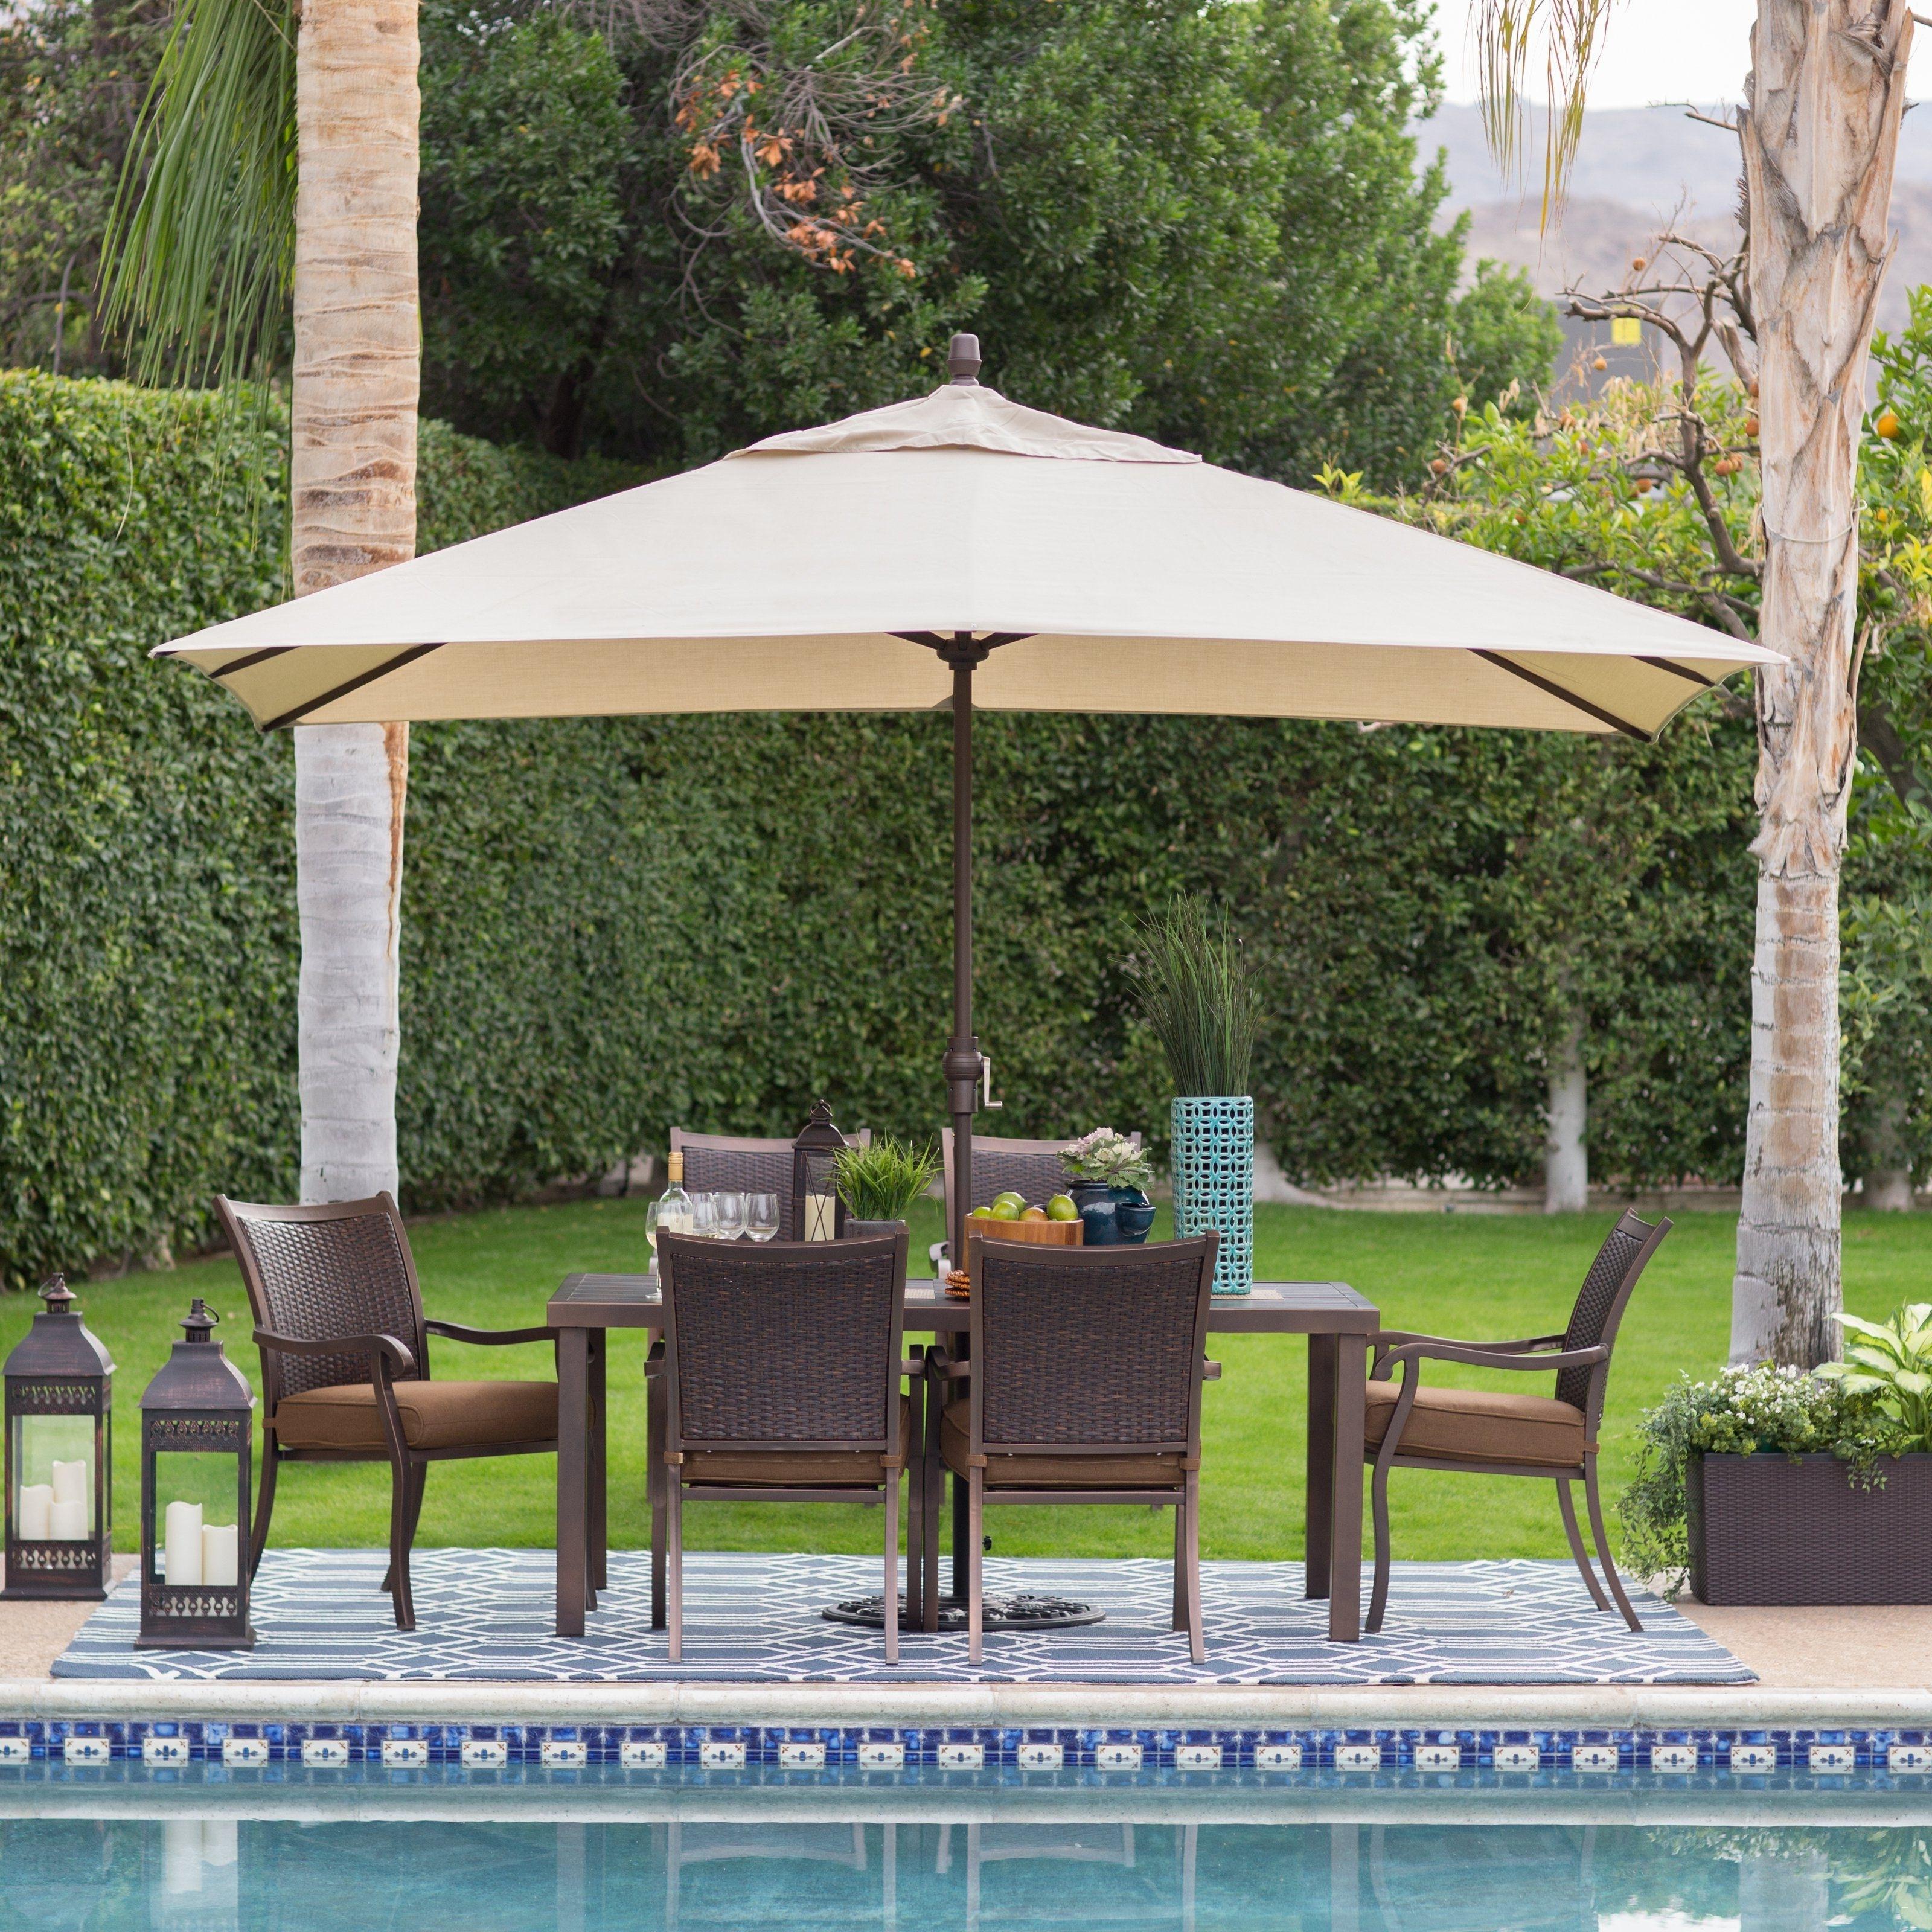 Current Free Standing Patio Umbrella – Attractive Patio Umbrella Set Awesome Throughout Free Standing Patio Umbrellas (View 14 of 20)